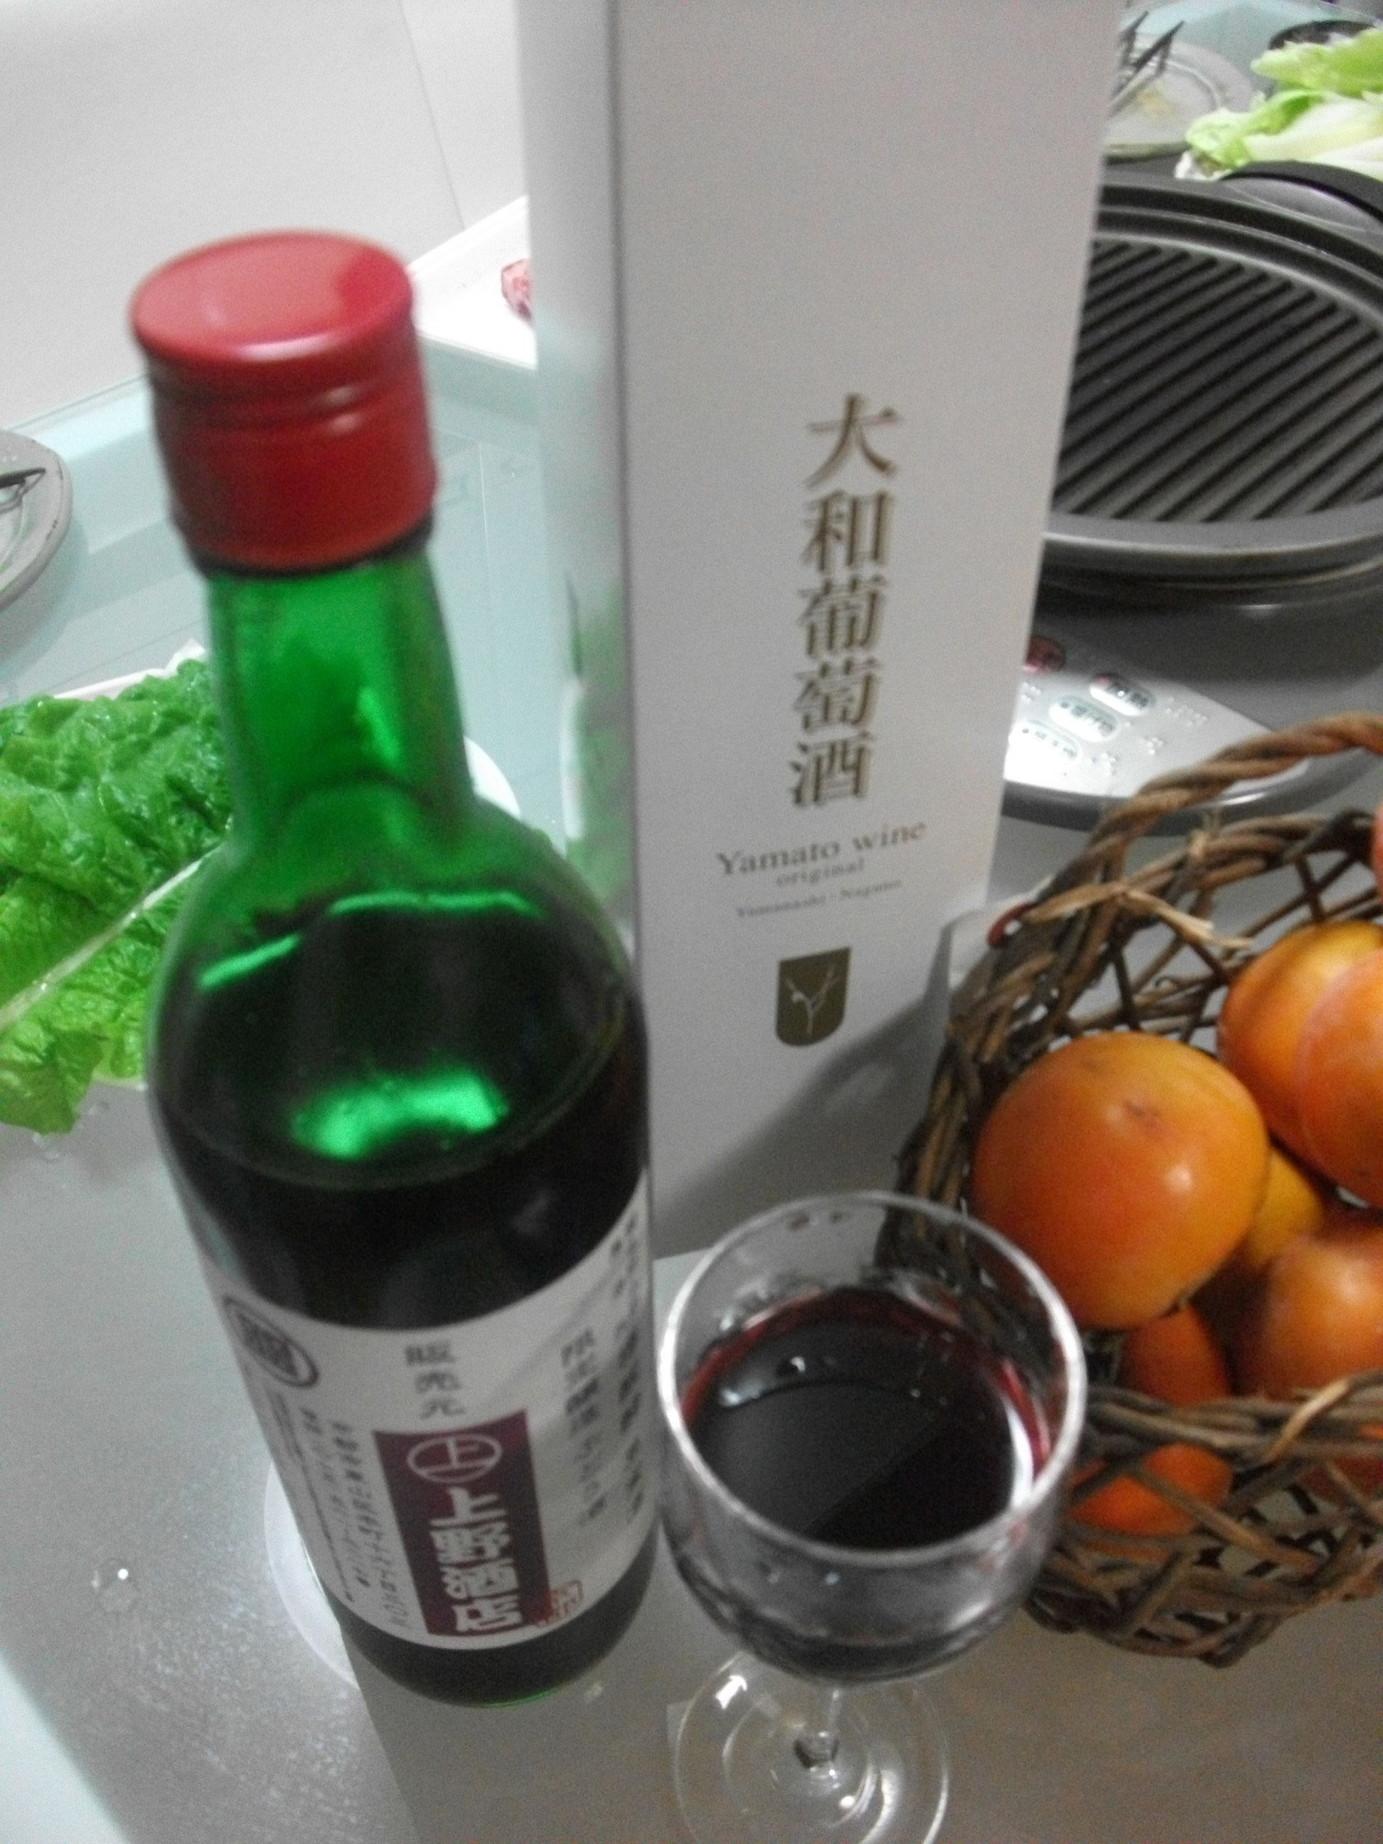 大和葡萄酒 ワイナリー